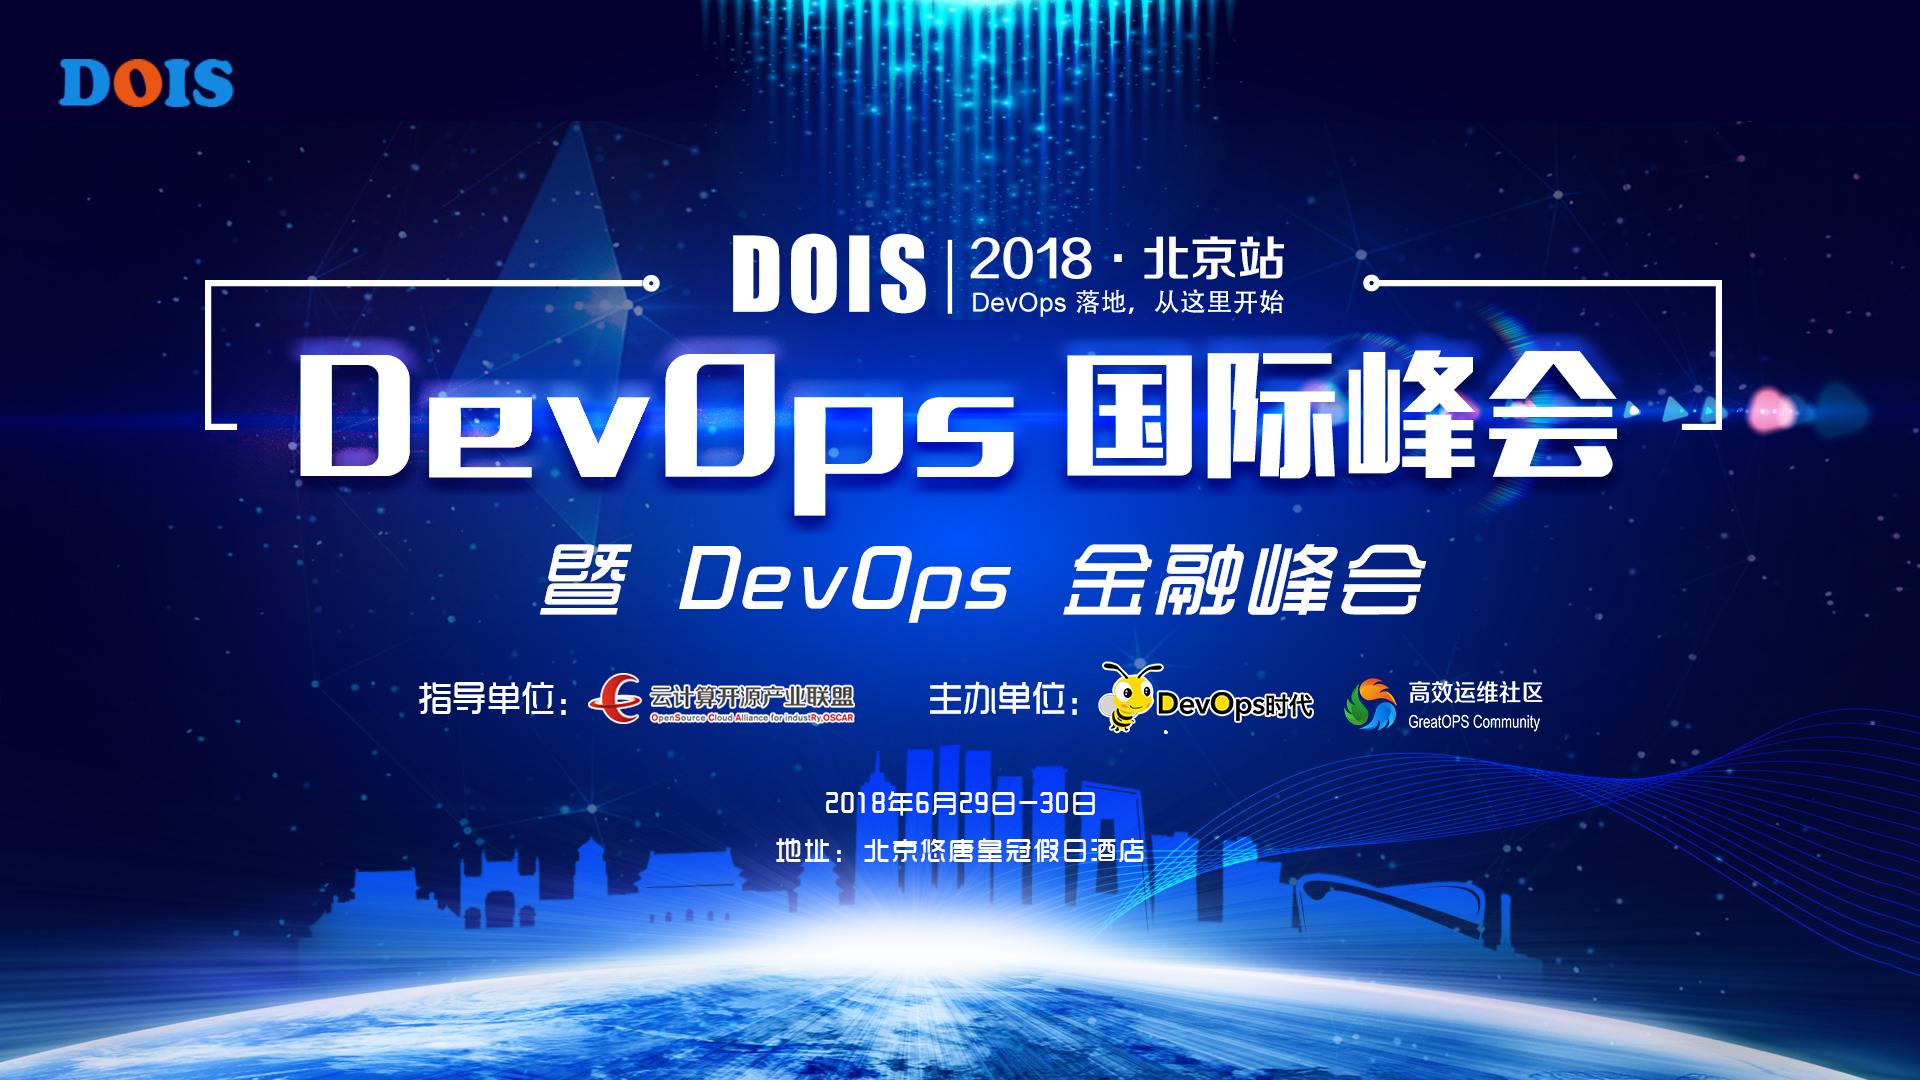 DOIS2018 北京站专题对话:百度工程效率专家雷涛